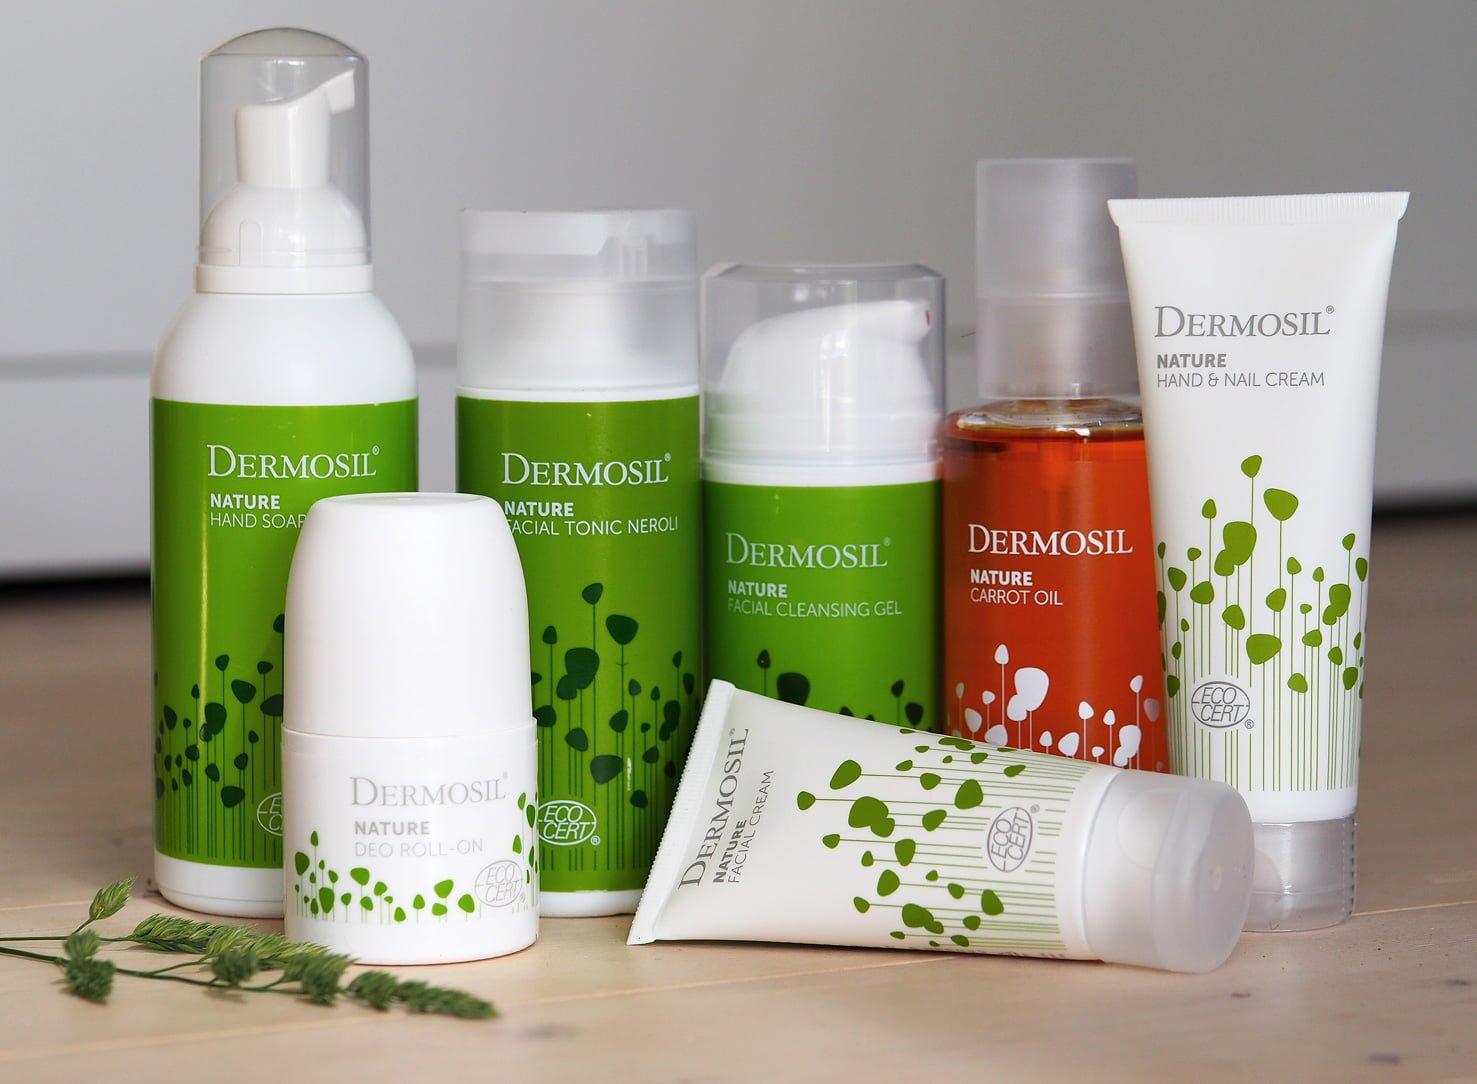 dermosil ekologisk hudvård